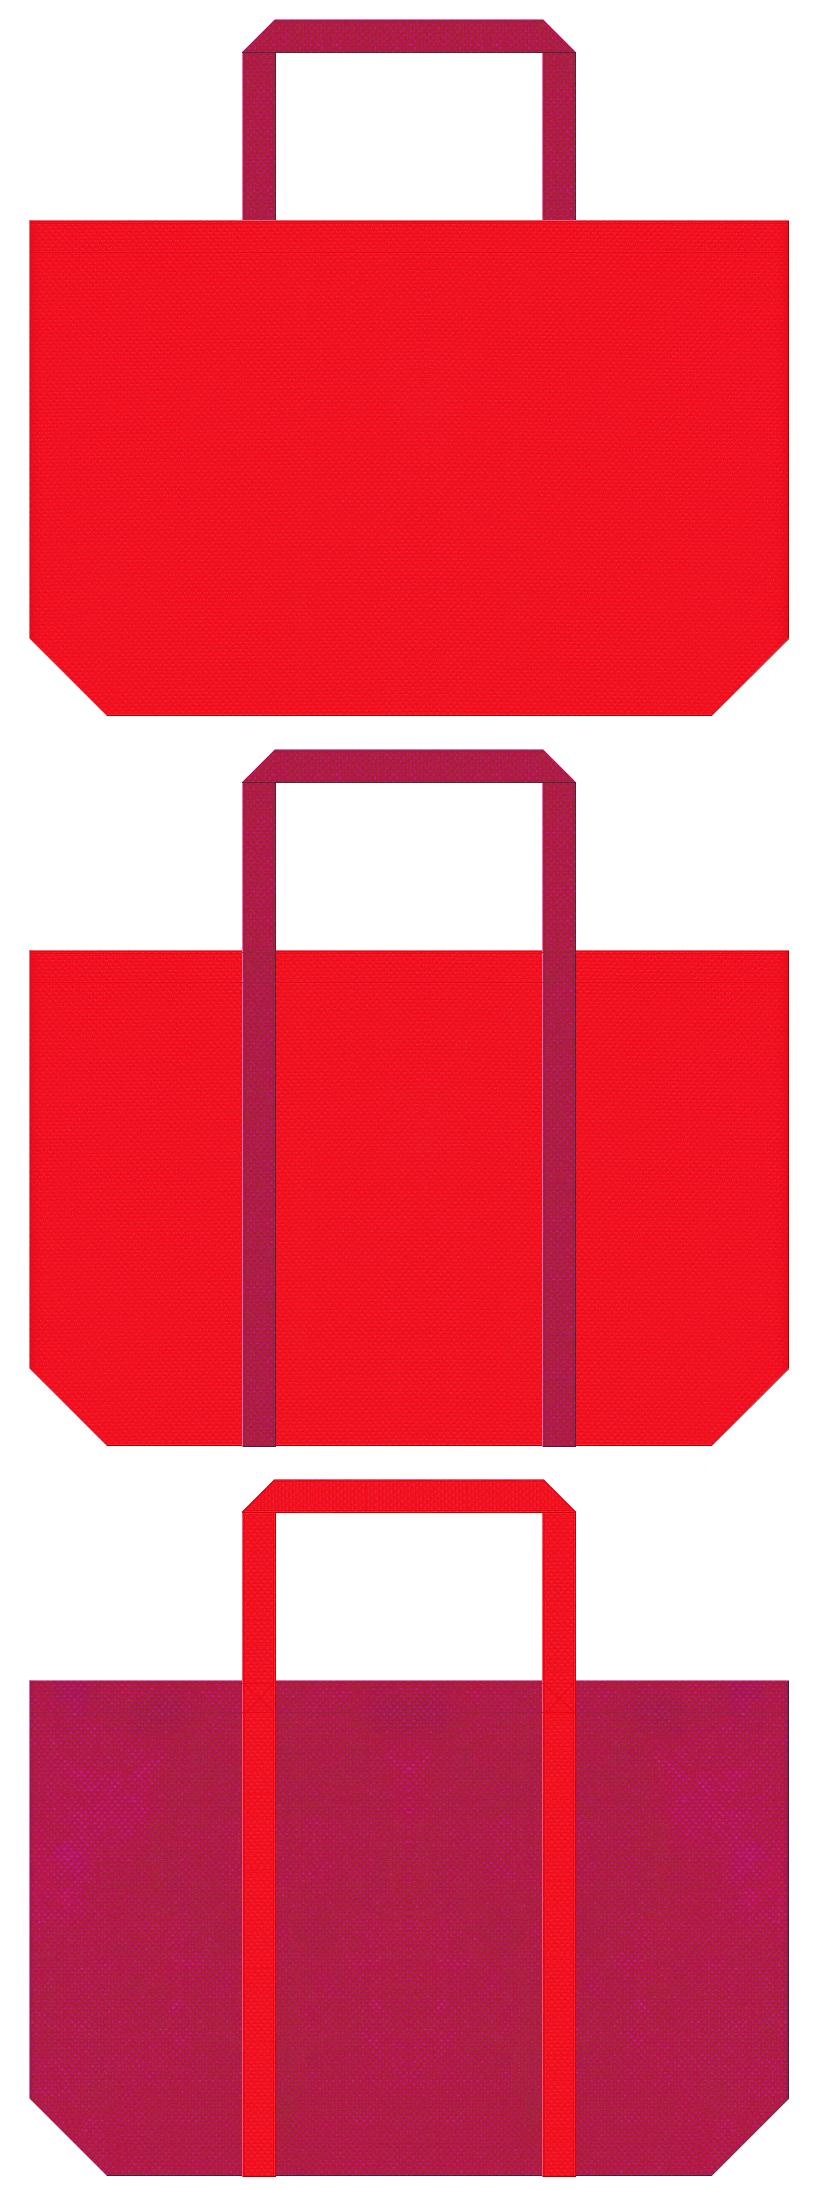 祇園・舞妓・絢爛・花吹雪・茶会・和傘・邦楽演奏会・和風催事・観光・お祭り・法被・お正月・福袋にお奨めの不織布ショッピングバッグのデザイン:赤色と濃いピンク色のコーデ